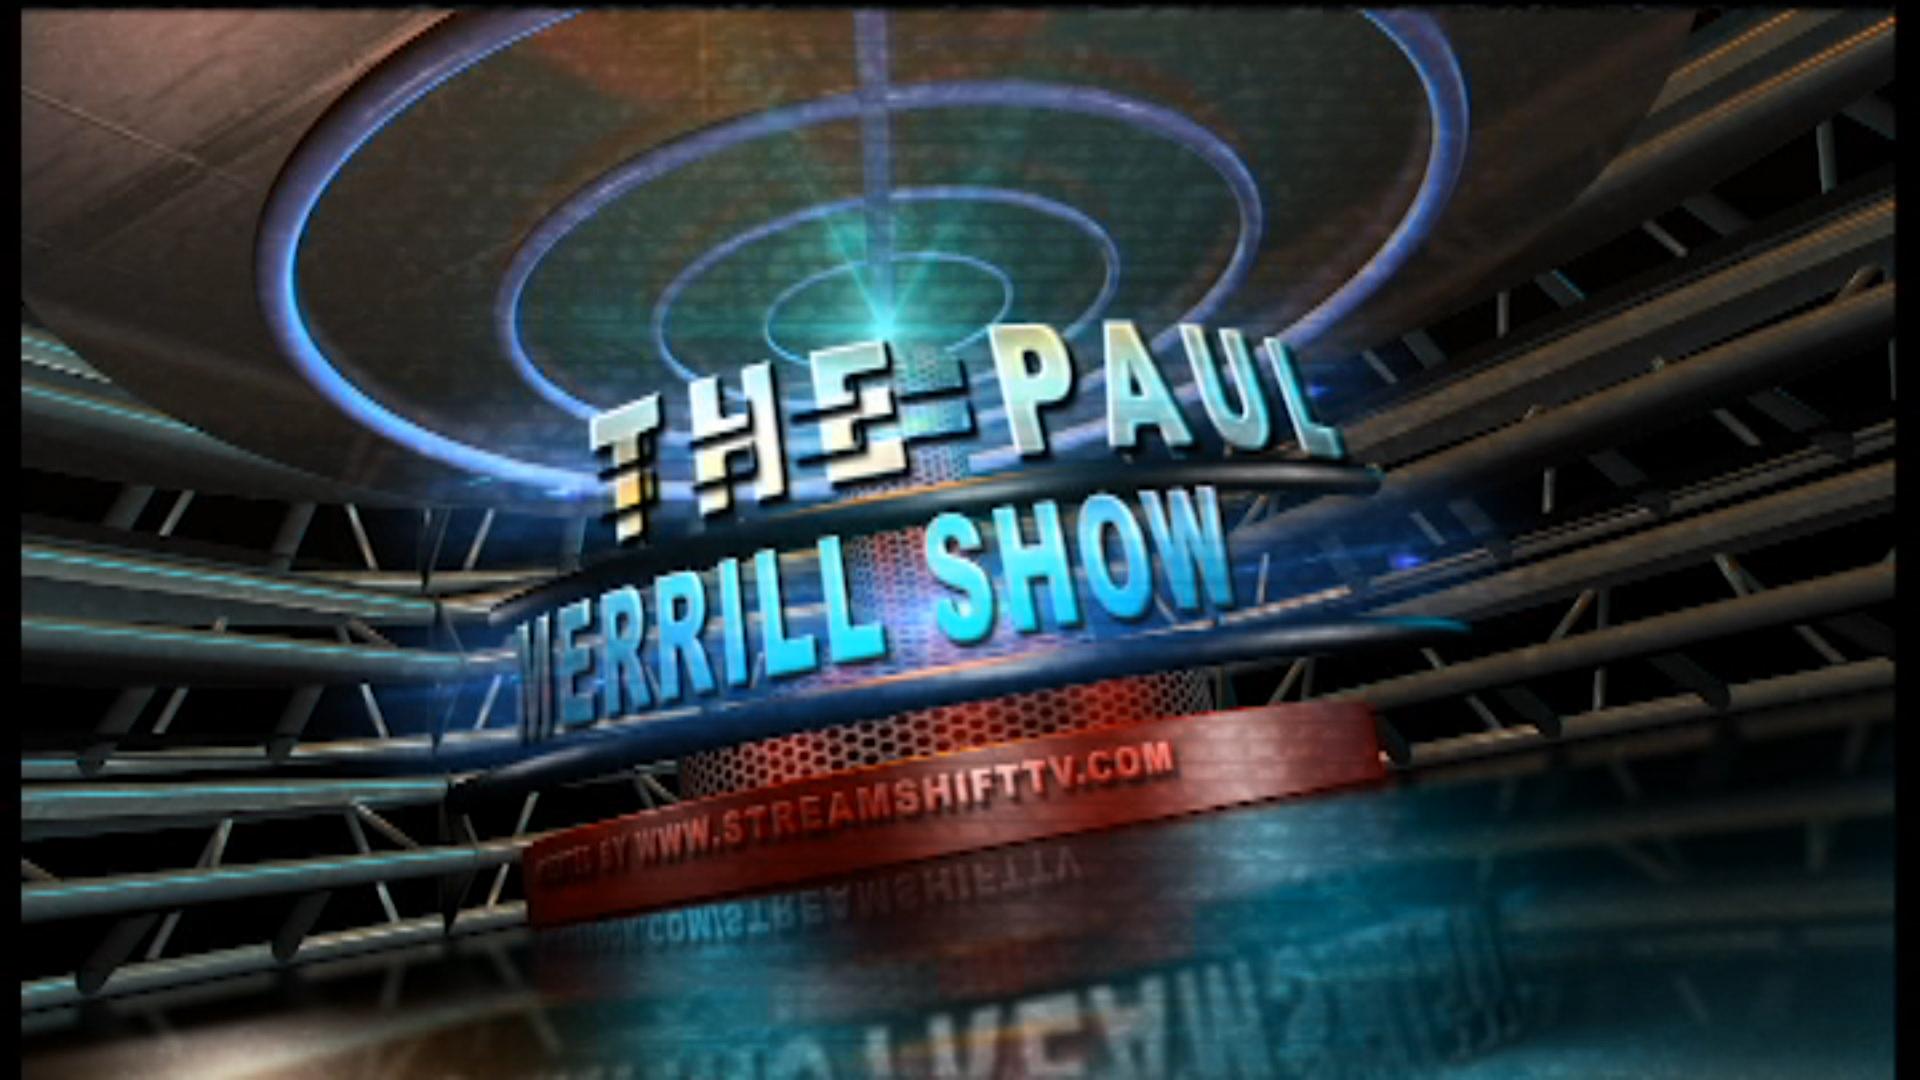 The Paul Merrill Show - June 6th, 2019